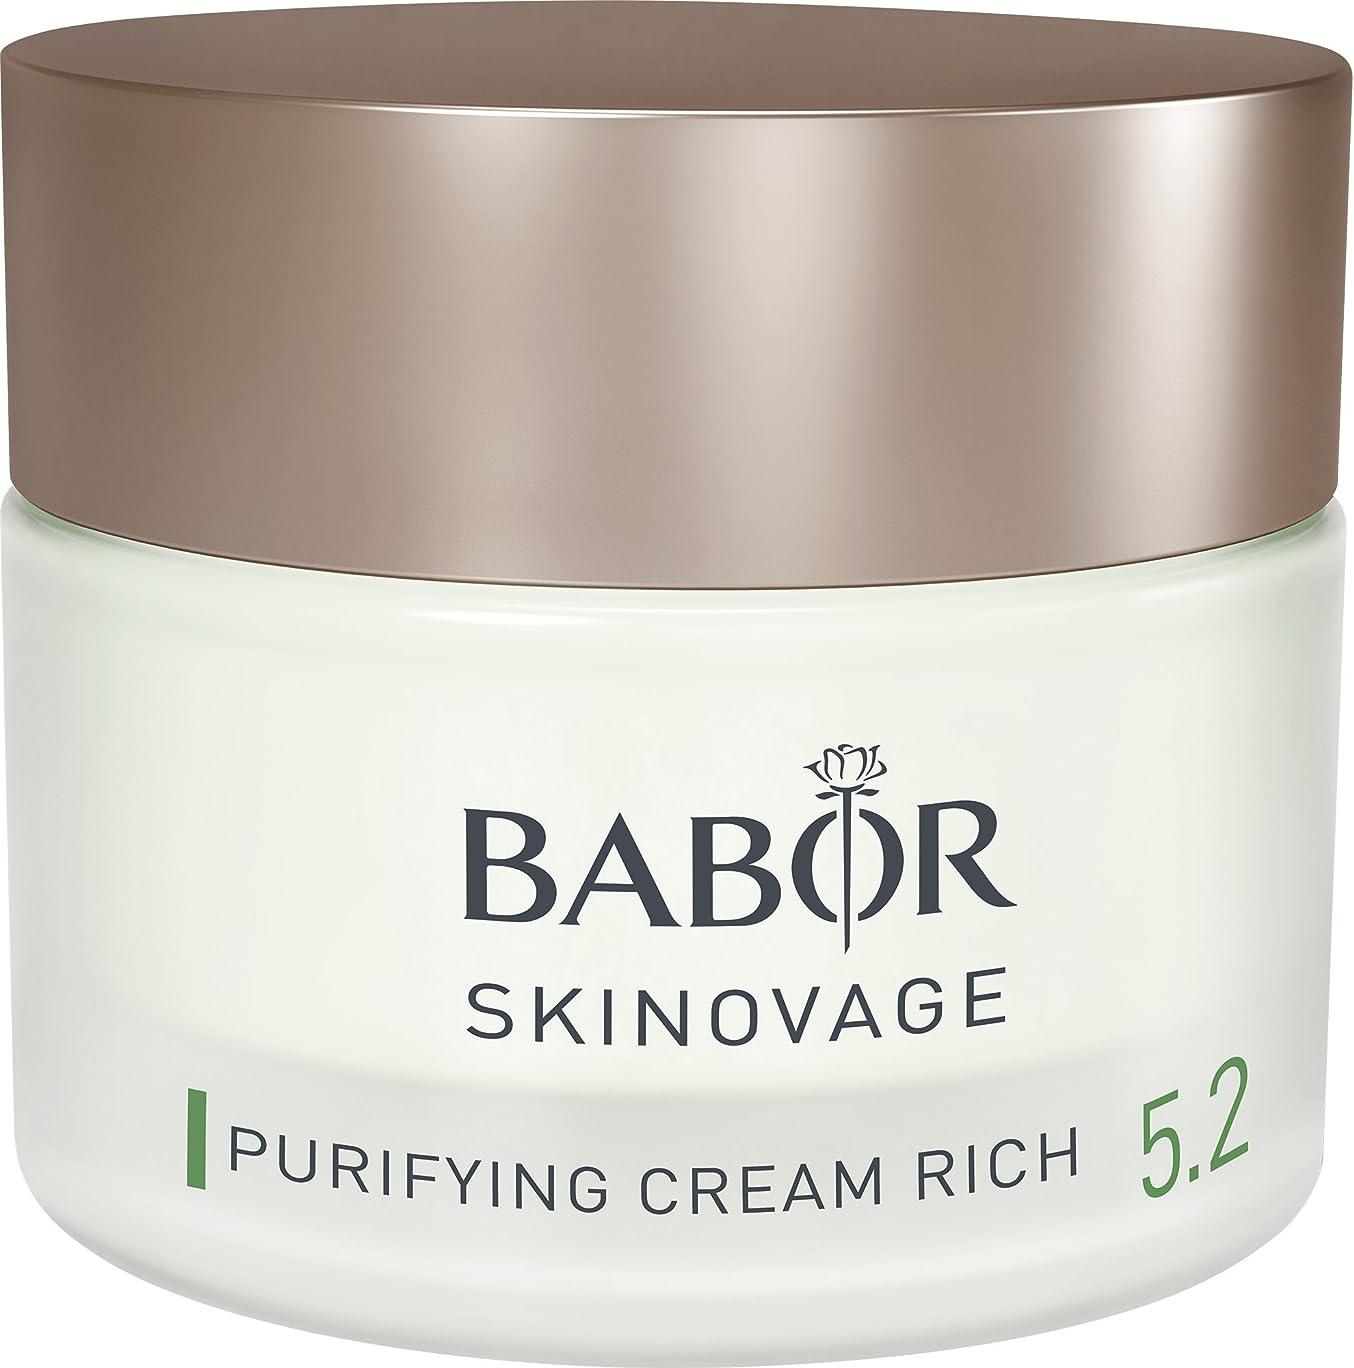 遠足絶望的なアクセスできないバボール Skinovage [Age Preventing] Purifying Cream Rich 5.2 - For Problem & Oily Skin 50ml/1.7oz並行輸入品